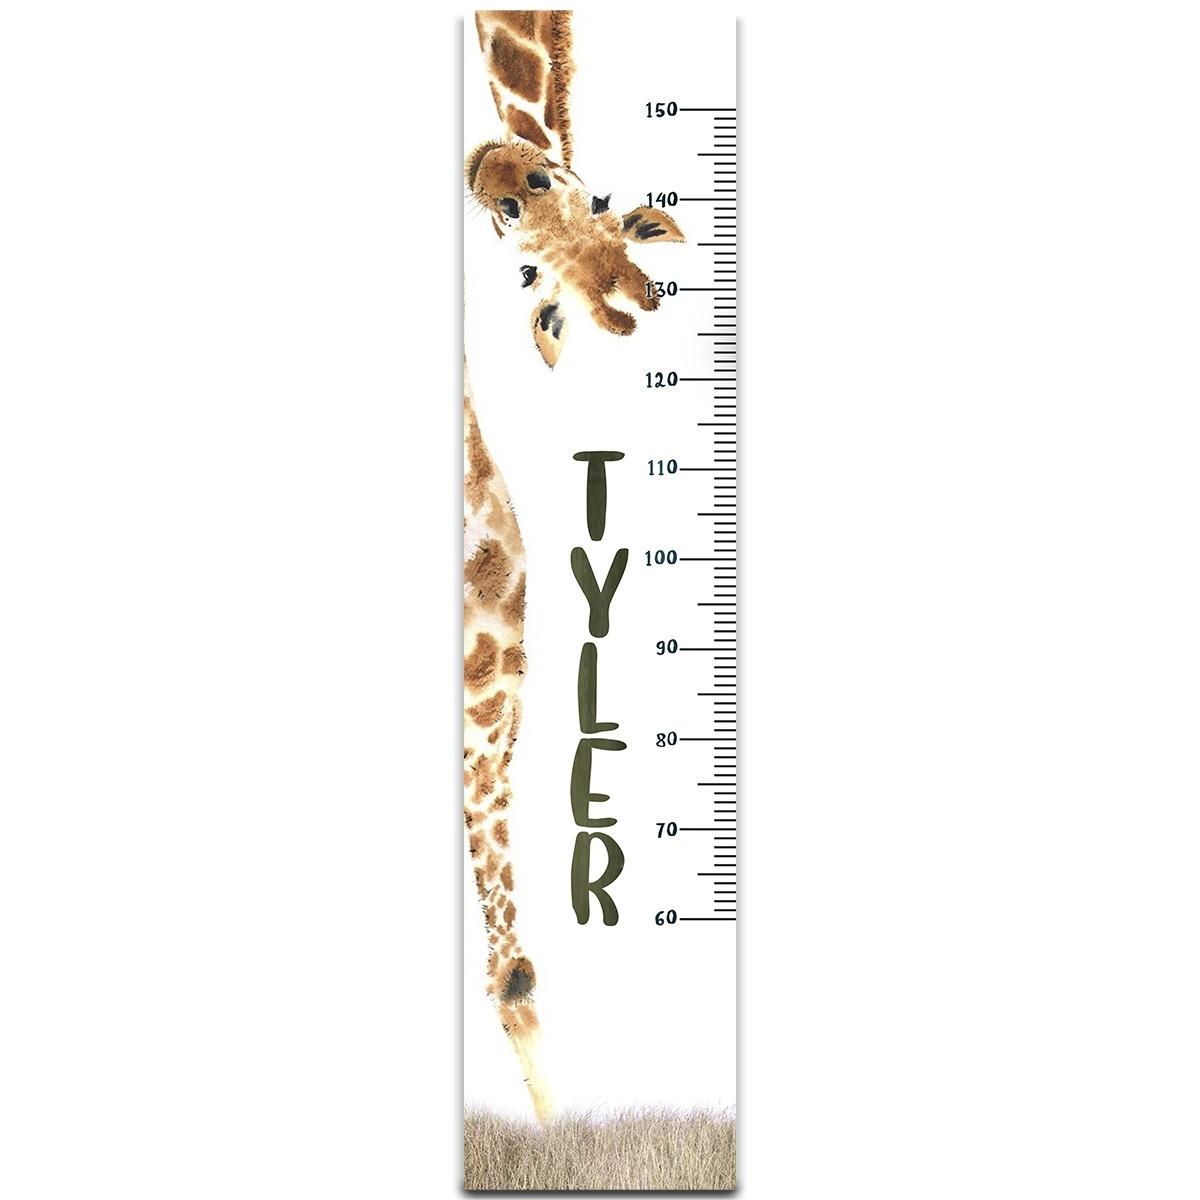 1200×1200 Giraffe white